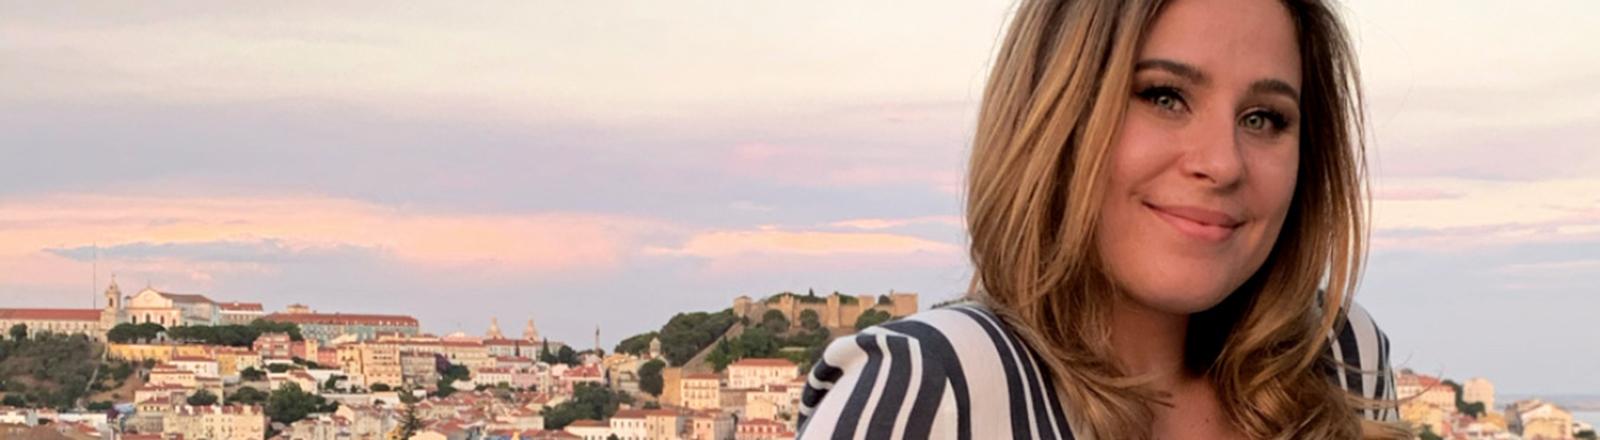 Eine Frau schaut in die Kamera, hinter ihr ist eine Stadt im Sonnenuntergang zu sehen.